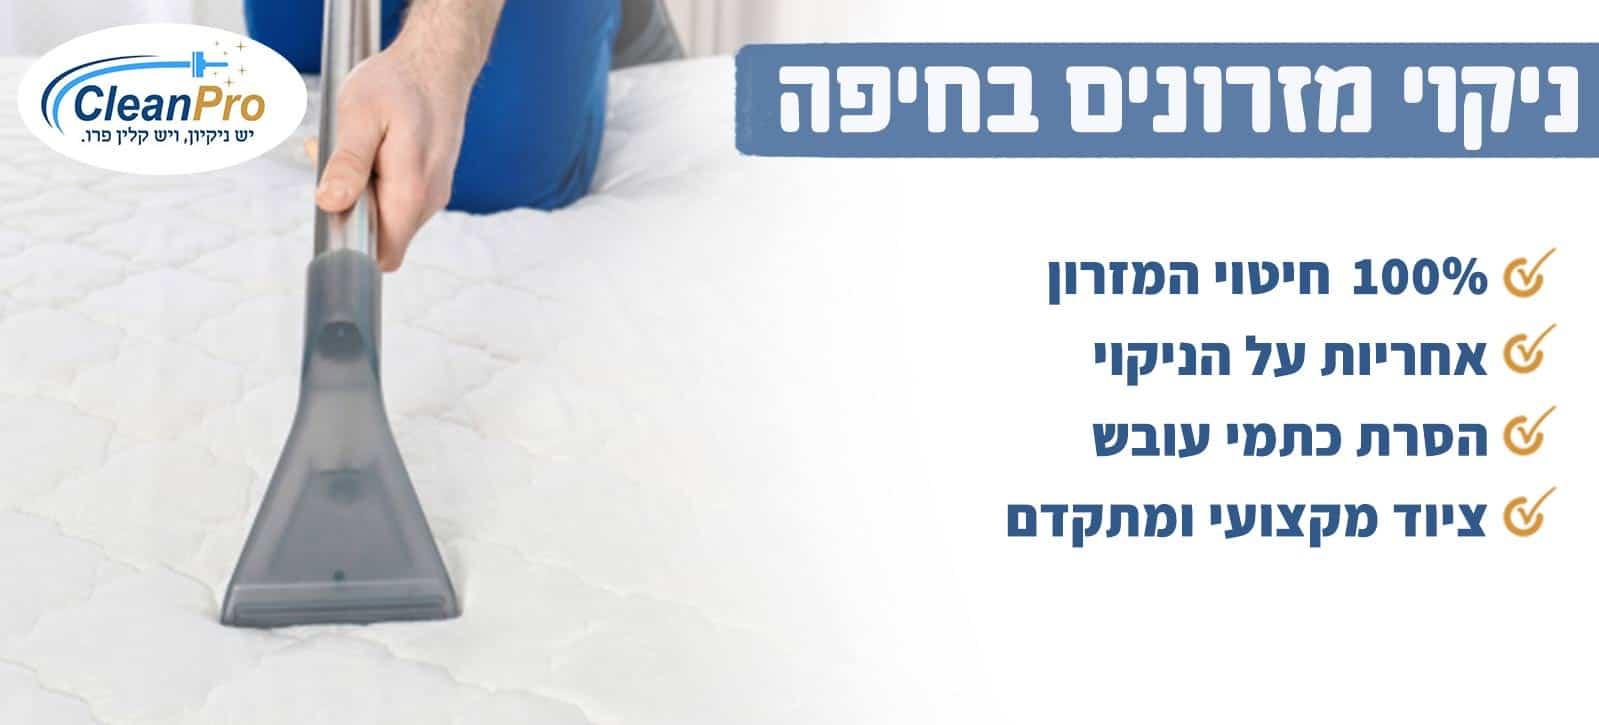 ניקוי מזרונים בחיפה